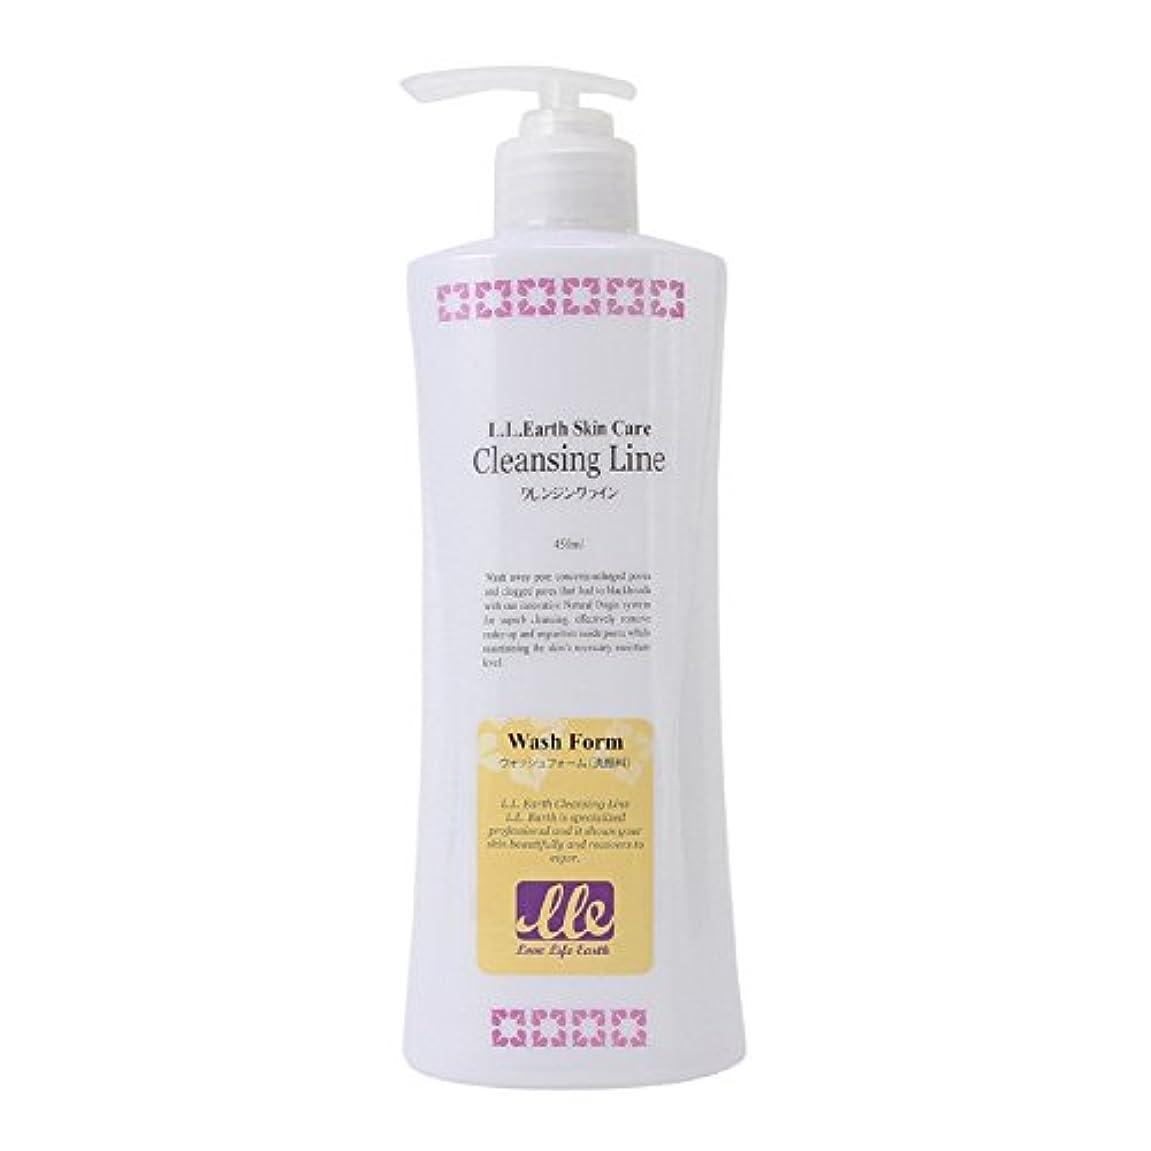 うぬぼれ分析的なブランド名エステ業務用 ウォッシングフォーム 450ml / Cleansing Line Wash Form/洗顔料